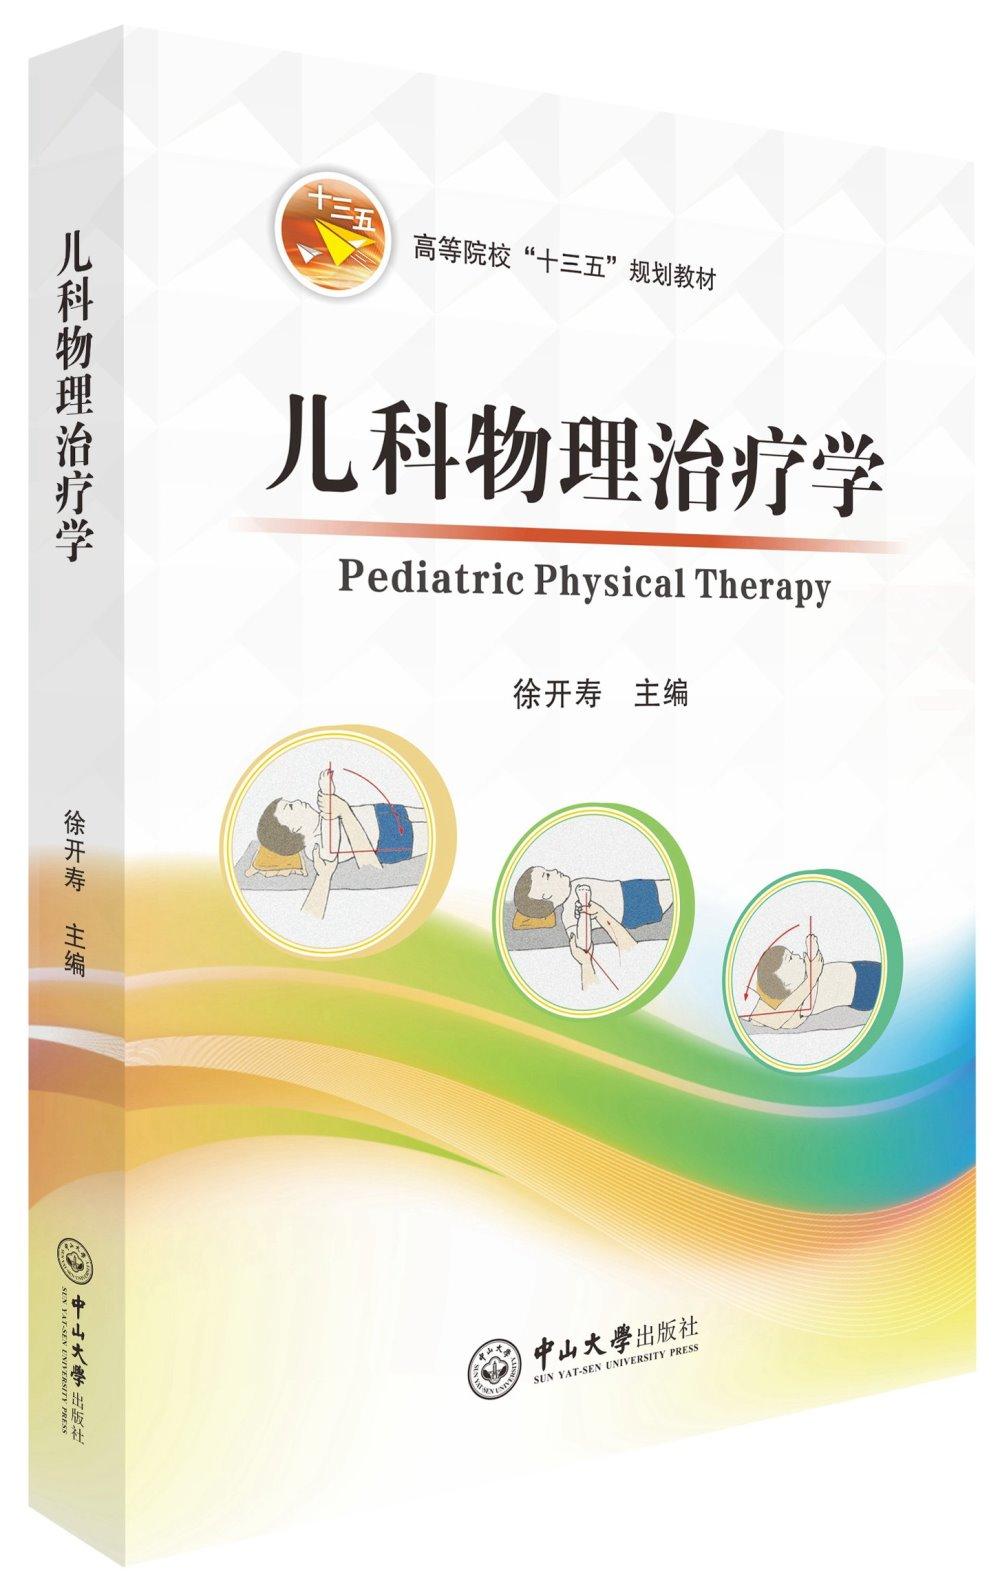 兒科物理治療學